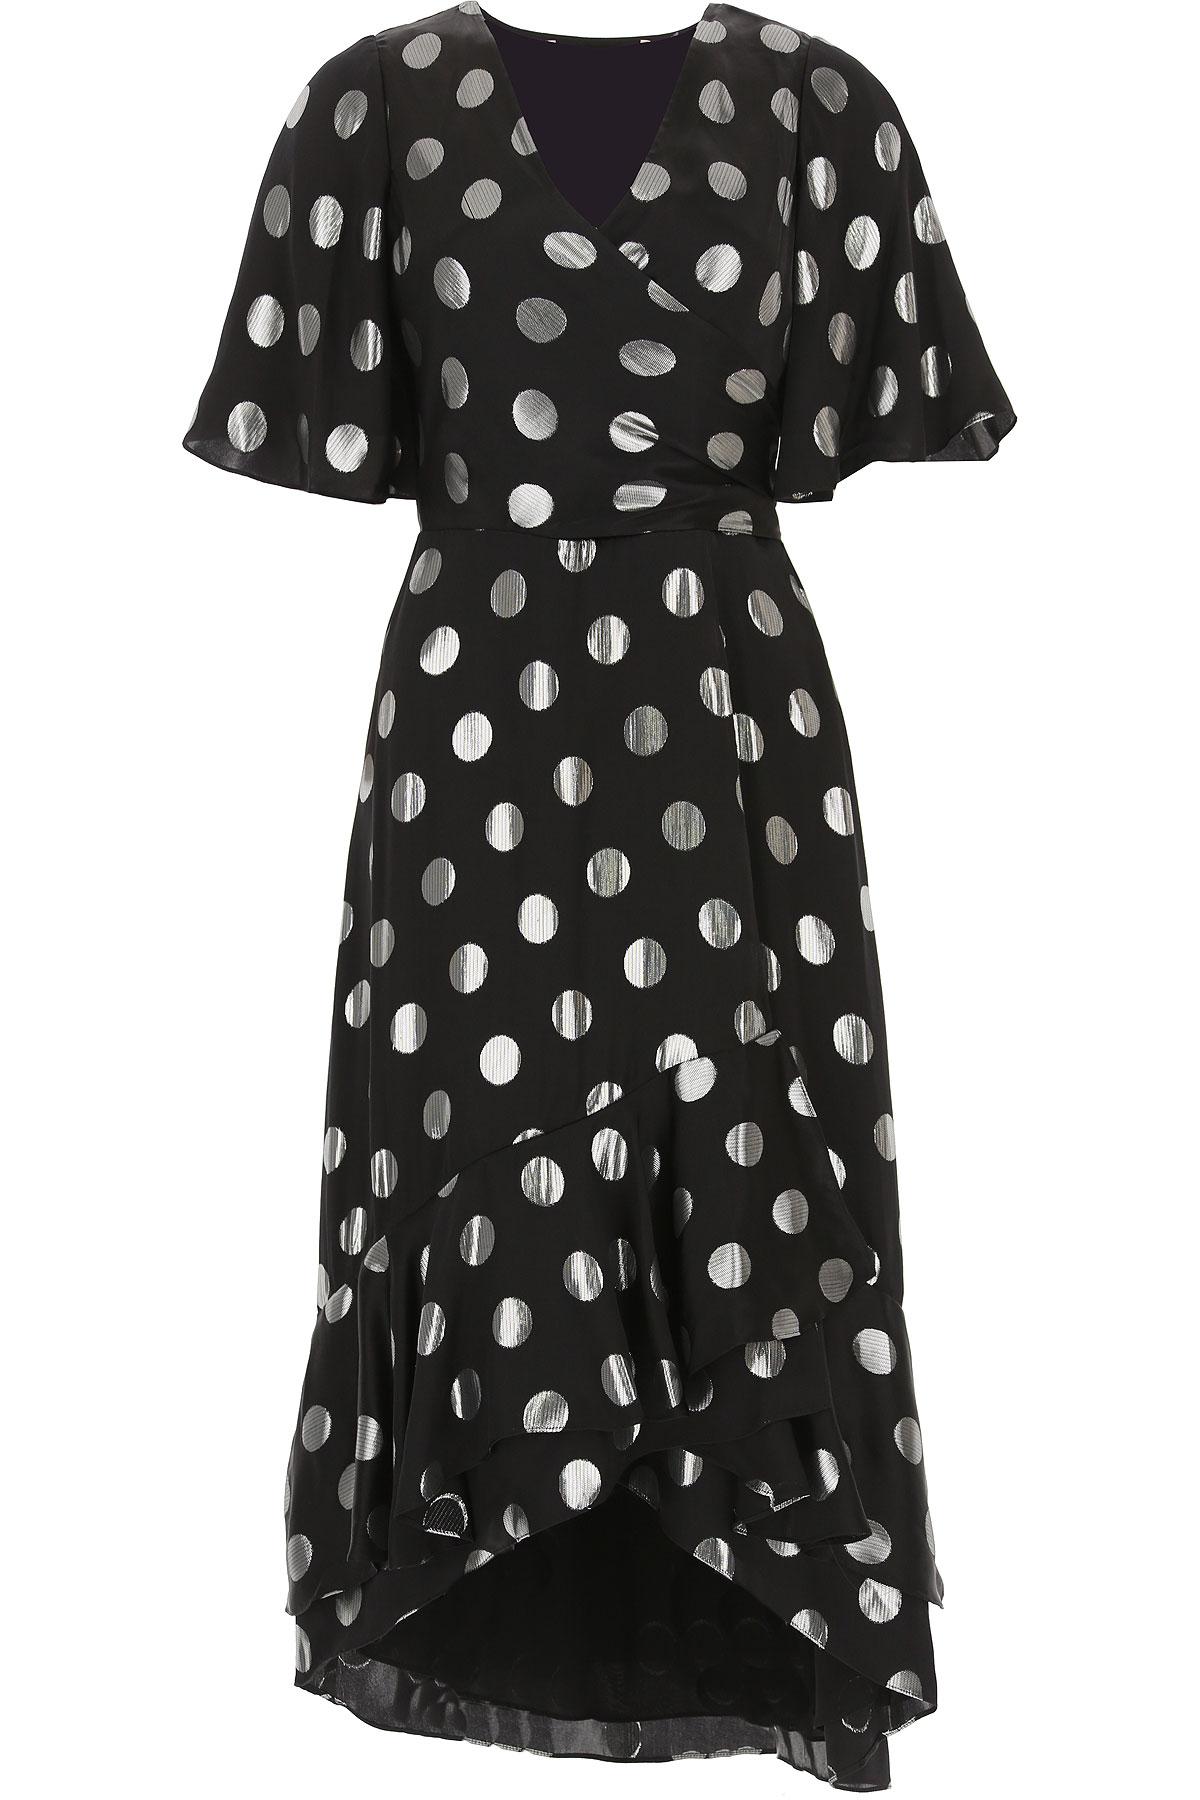 Diane Von Furstenberg Dress for Women, Evening Cocktail Party On Sale, Black, Silk, 2019, 4 6 8